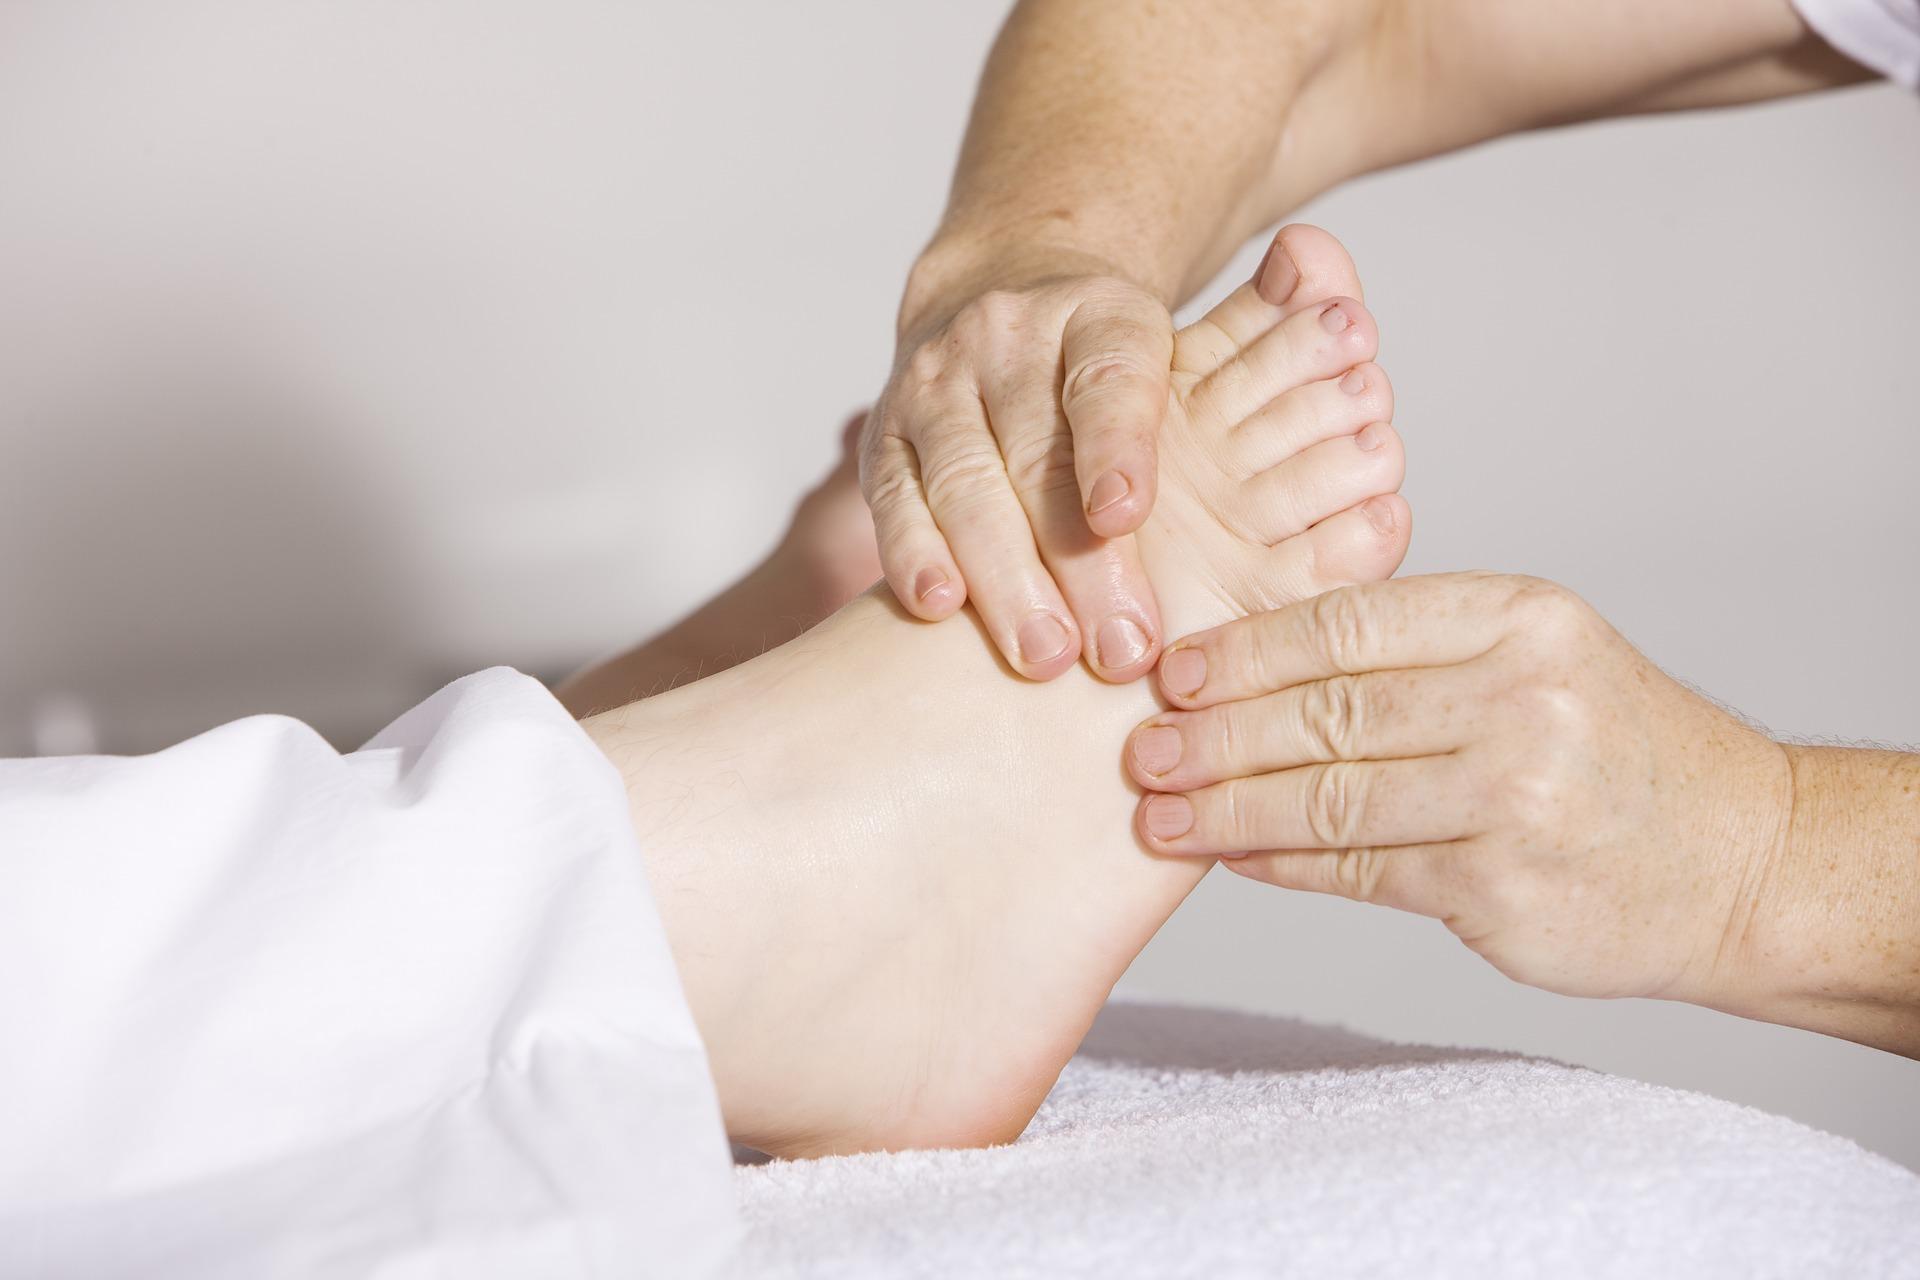 Confía en nuestras manos experiencia un masaje bien hecho ayuda 4067